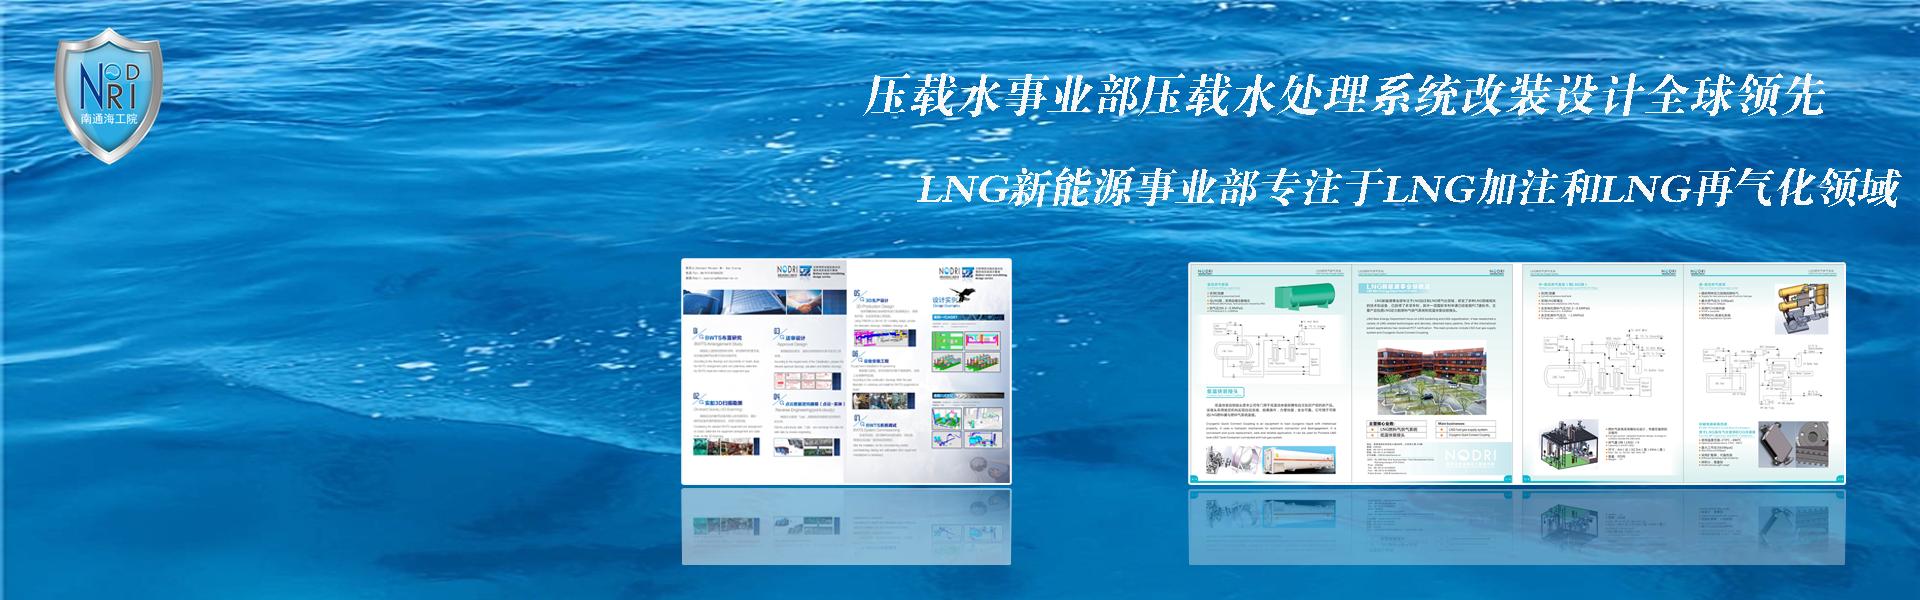 压载水事业部与LNG新能源事业部